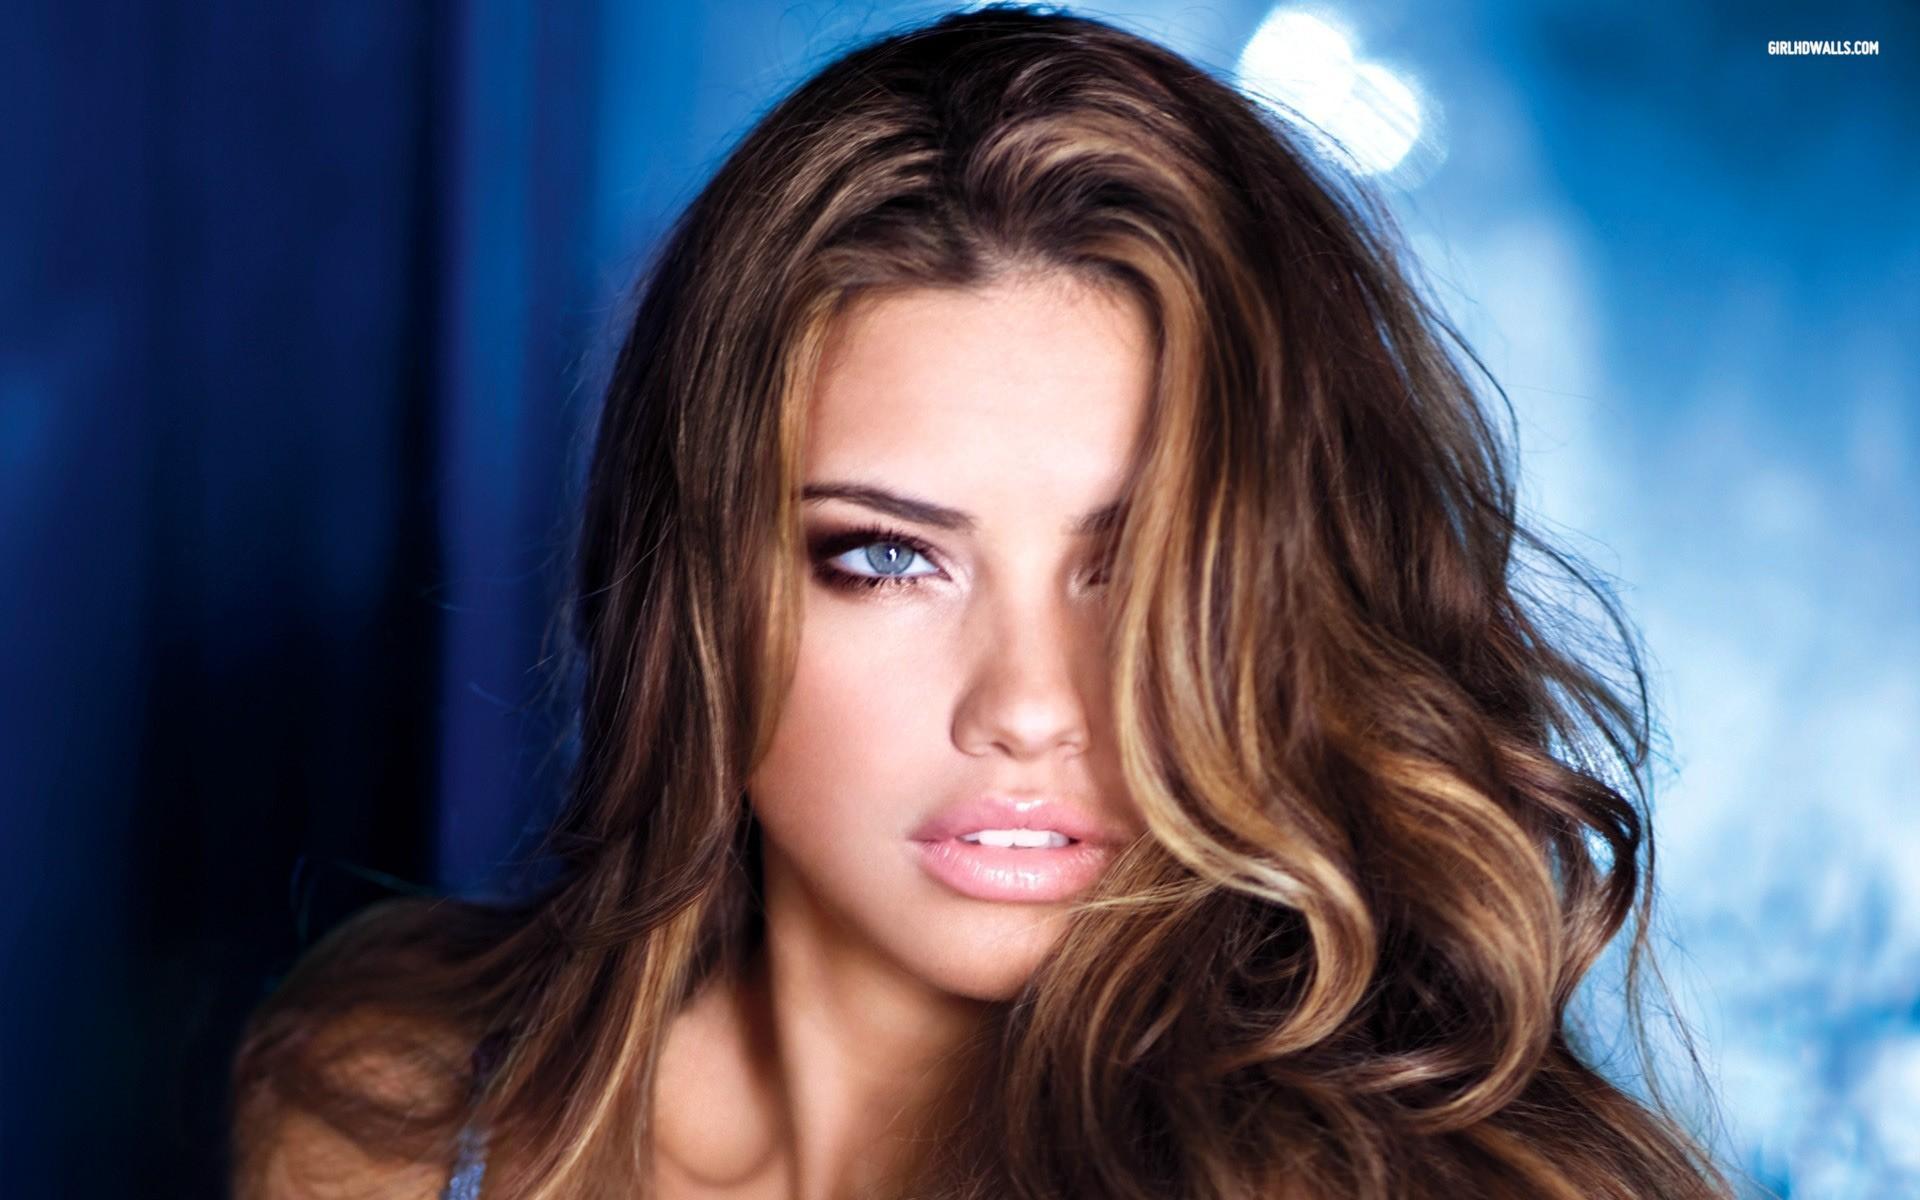 Lobisomem (Universidade dos Lobos) - Página 3 Girls_Model_Adriana_Lima_with_blue_eyes_101644_